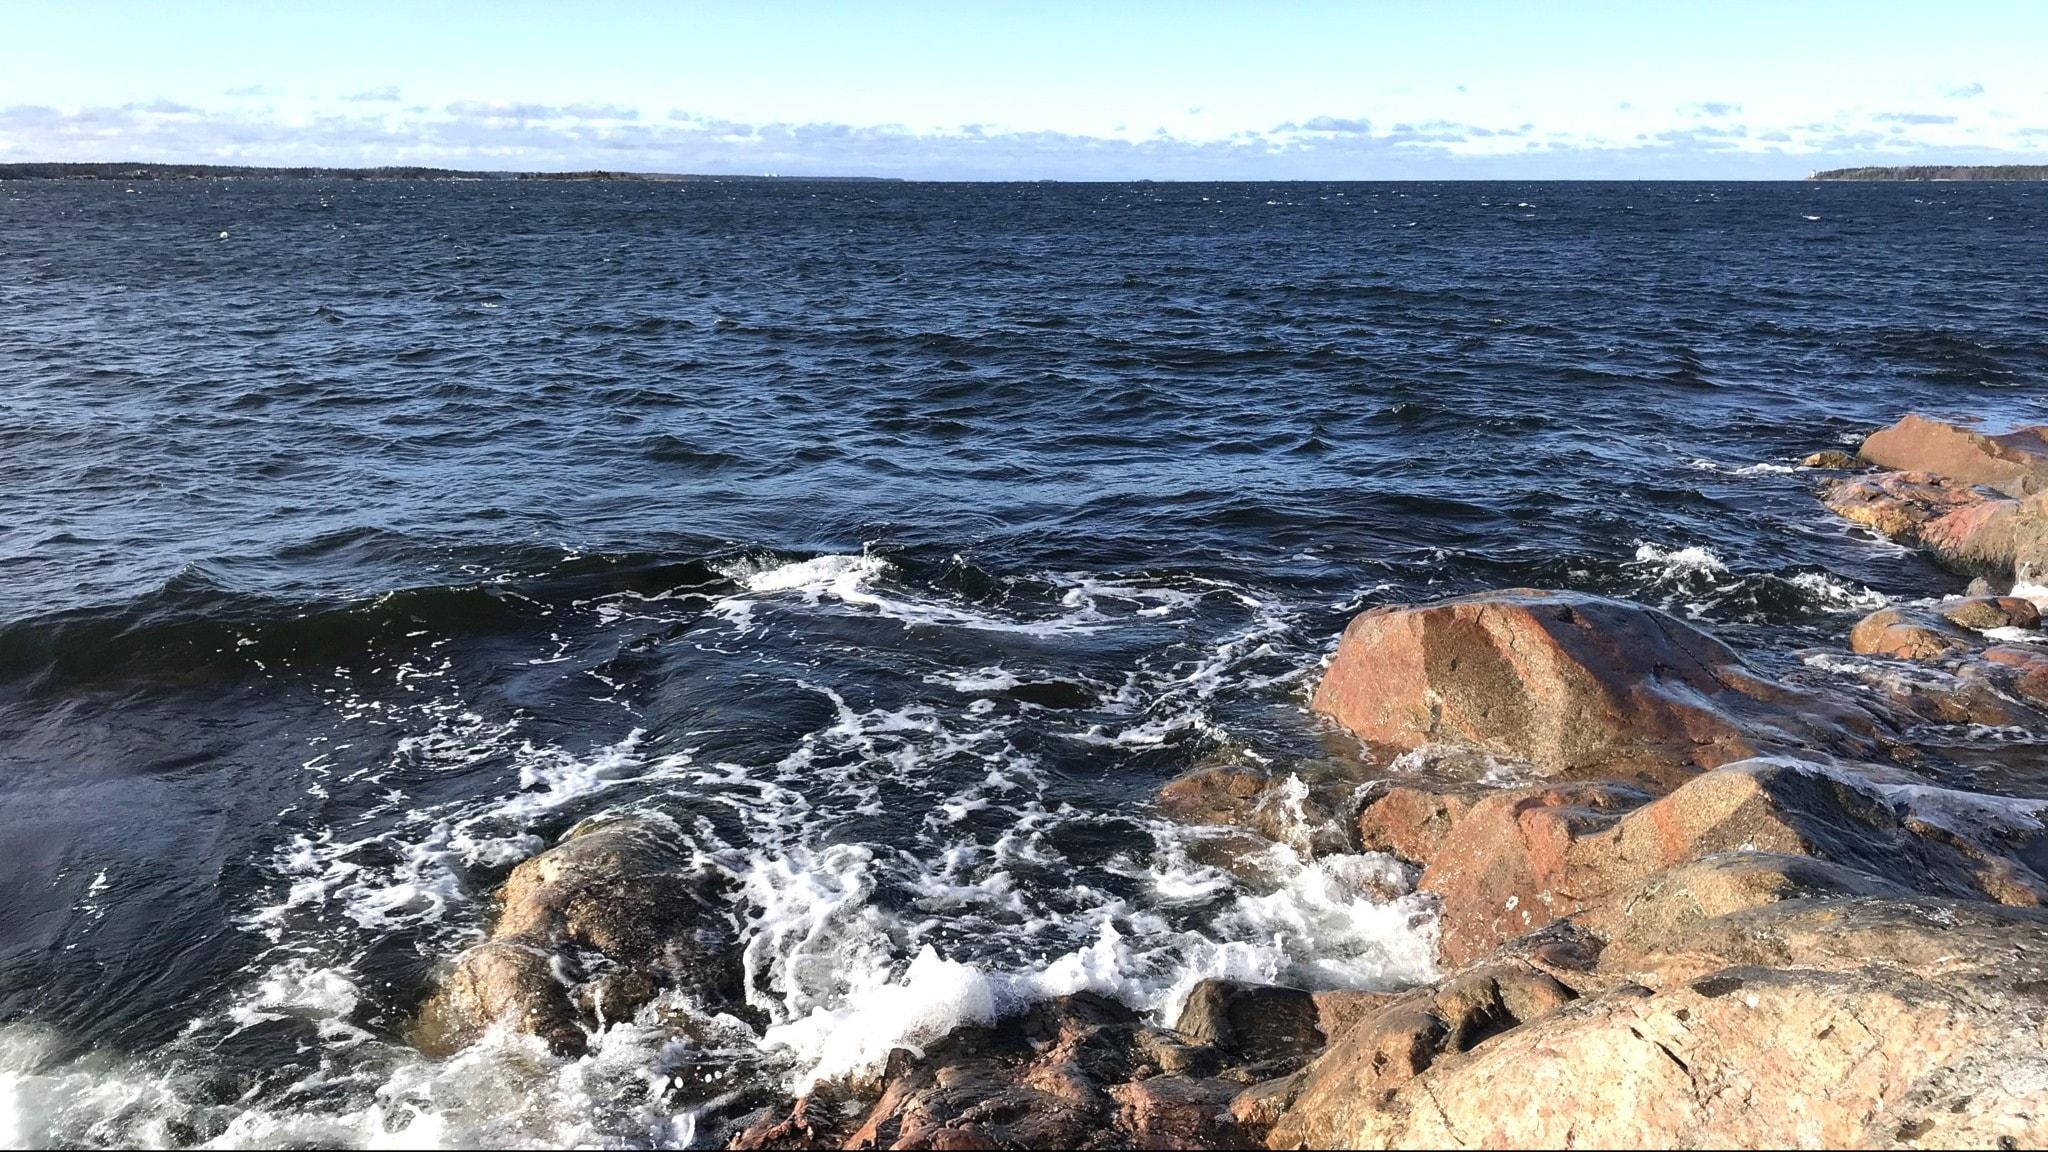 Itämeri Öregrund aallokko